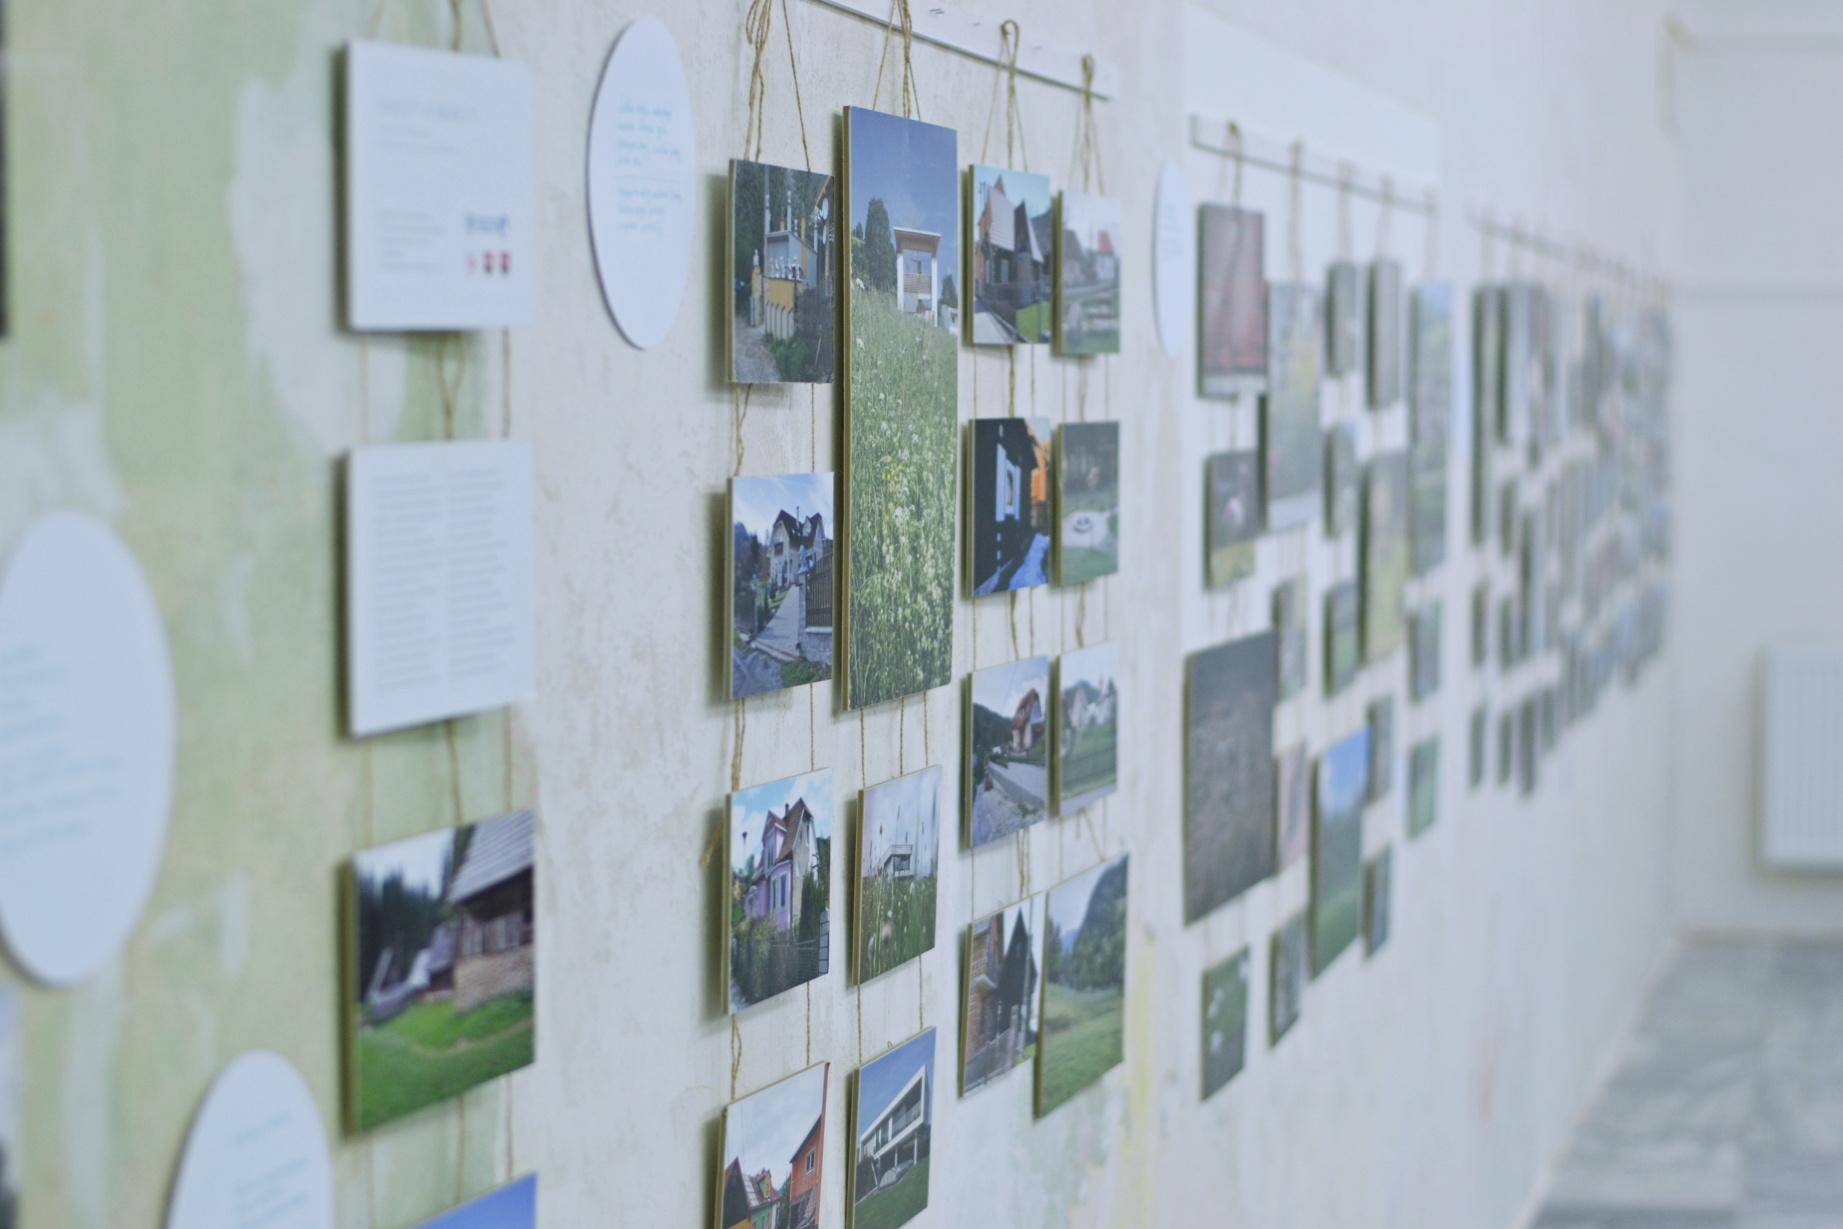 Roubenky a trpaslíci – jak opravdu vypadá moderní vesnická architektura zachycuje výstava skupiny fotografů